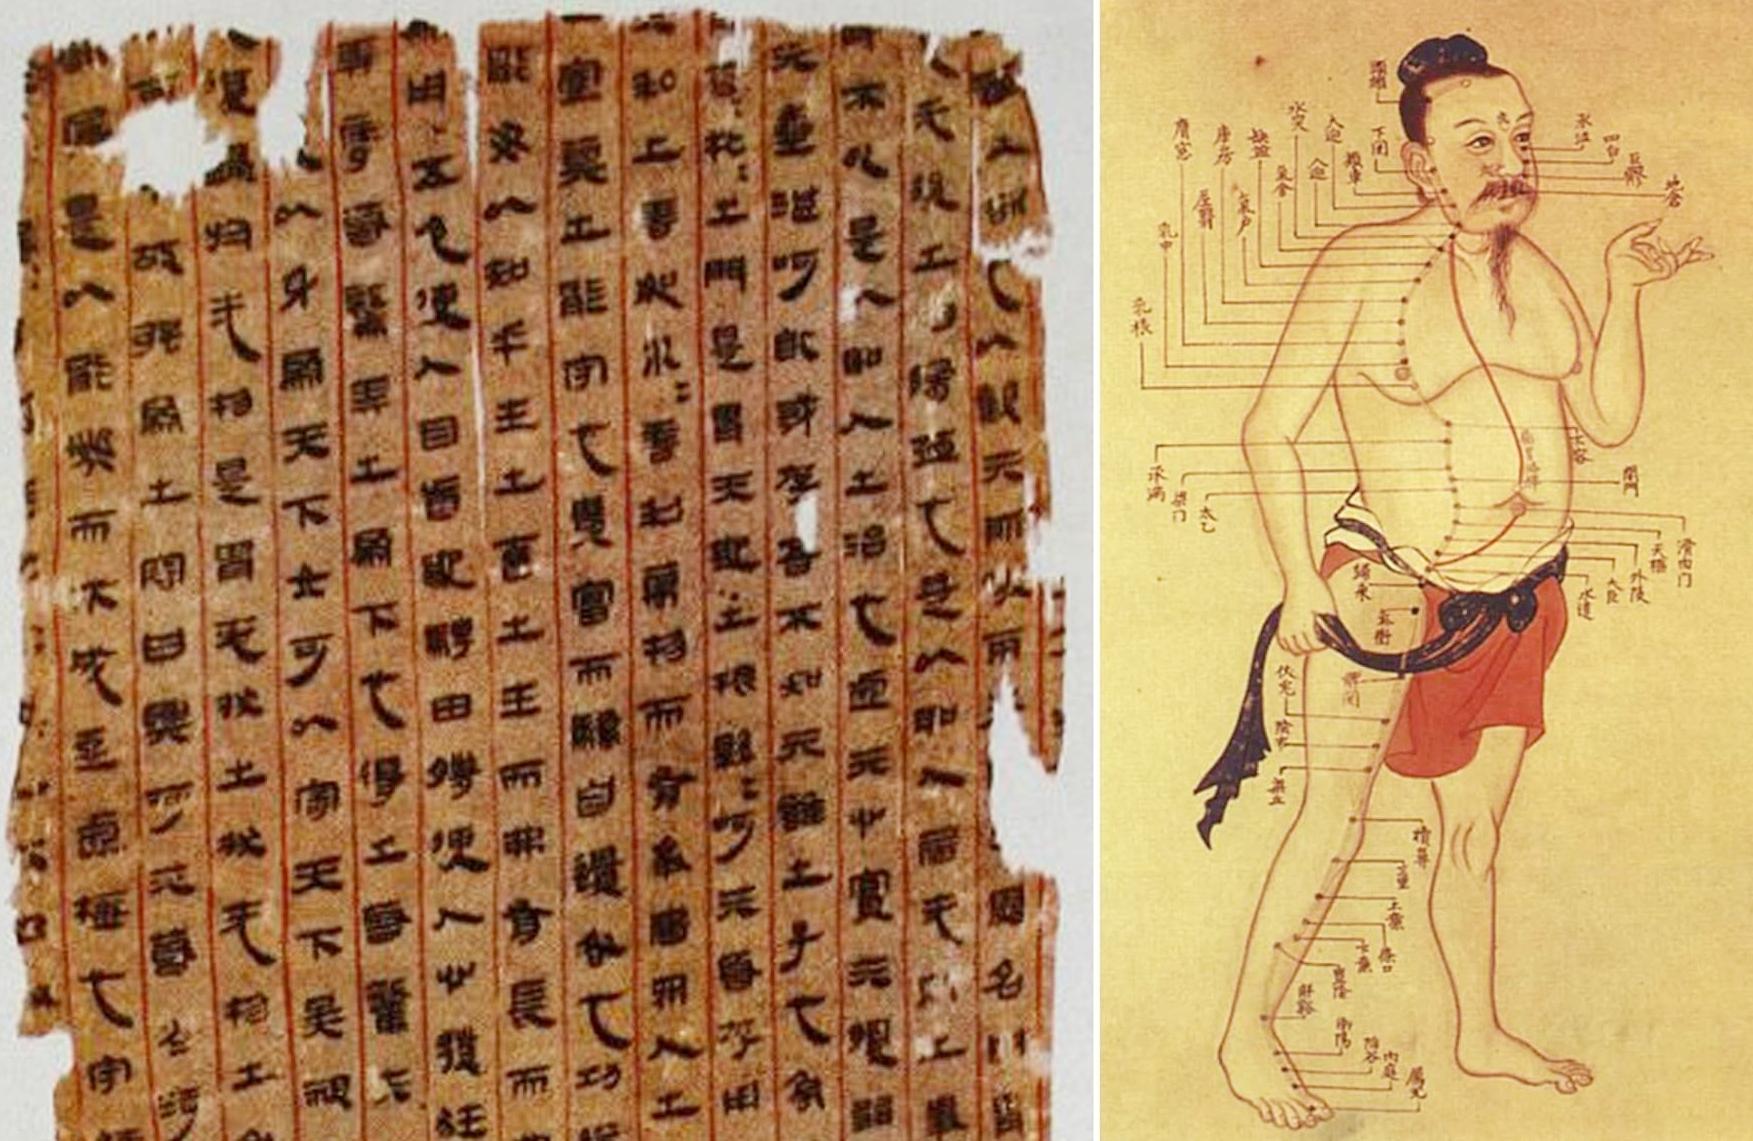 Tài liệu giải phẫu người được tìm thấy trong mộ Tân Truy phu nhân sống trong thời nhà Hán của Trung Quốc. Ảnh: Ancient Origins.